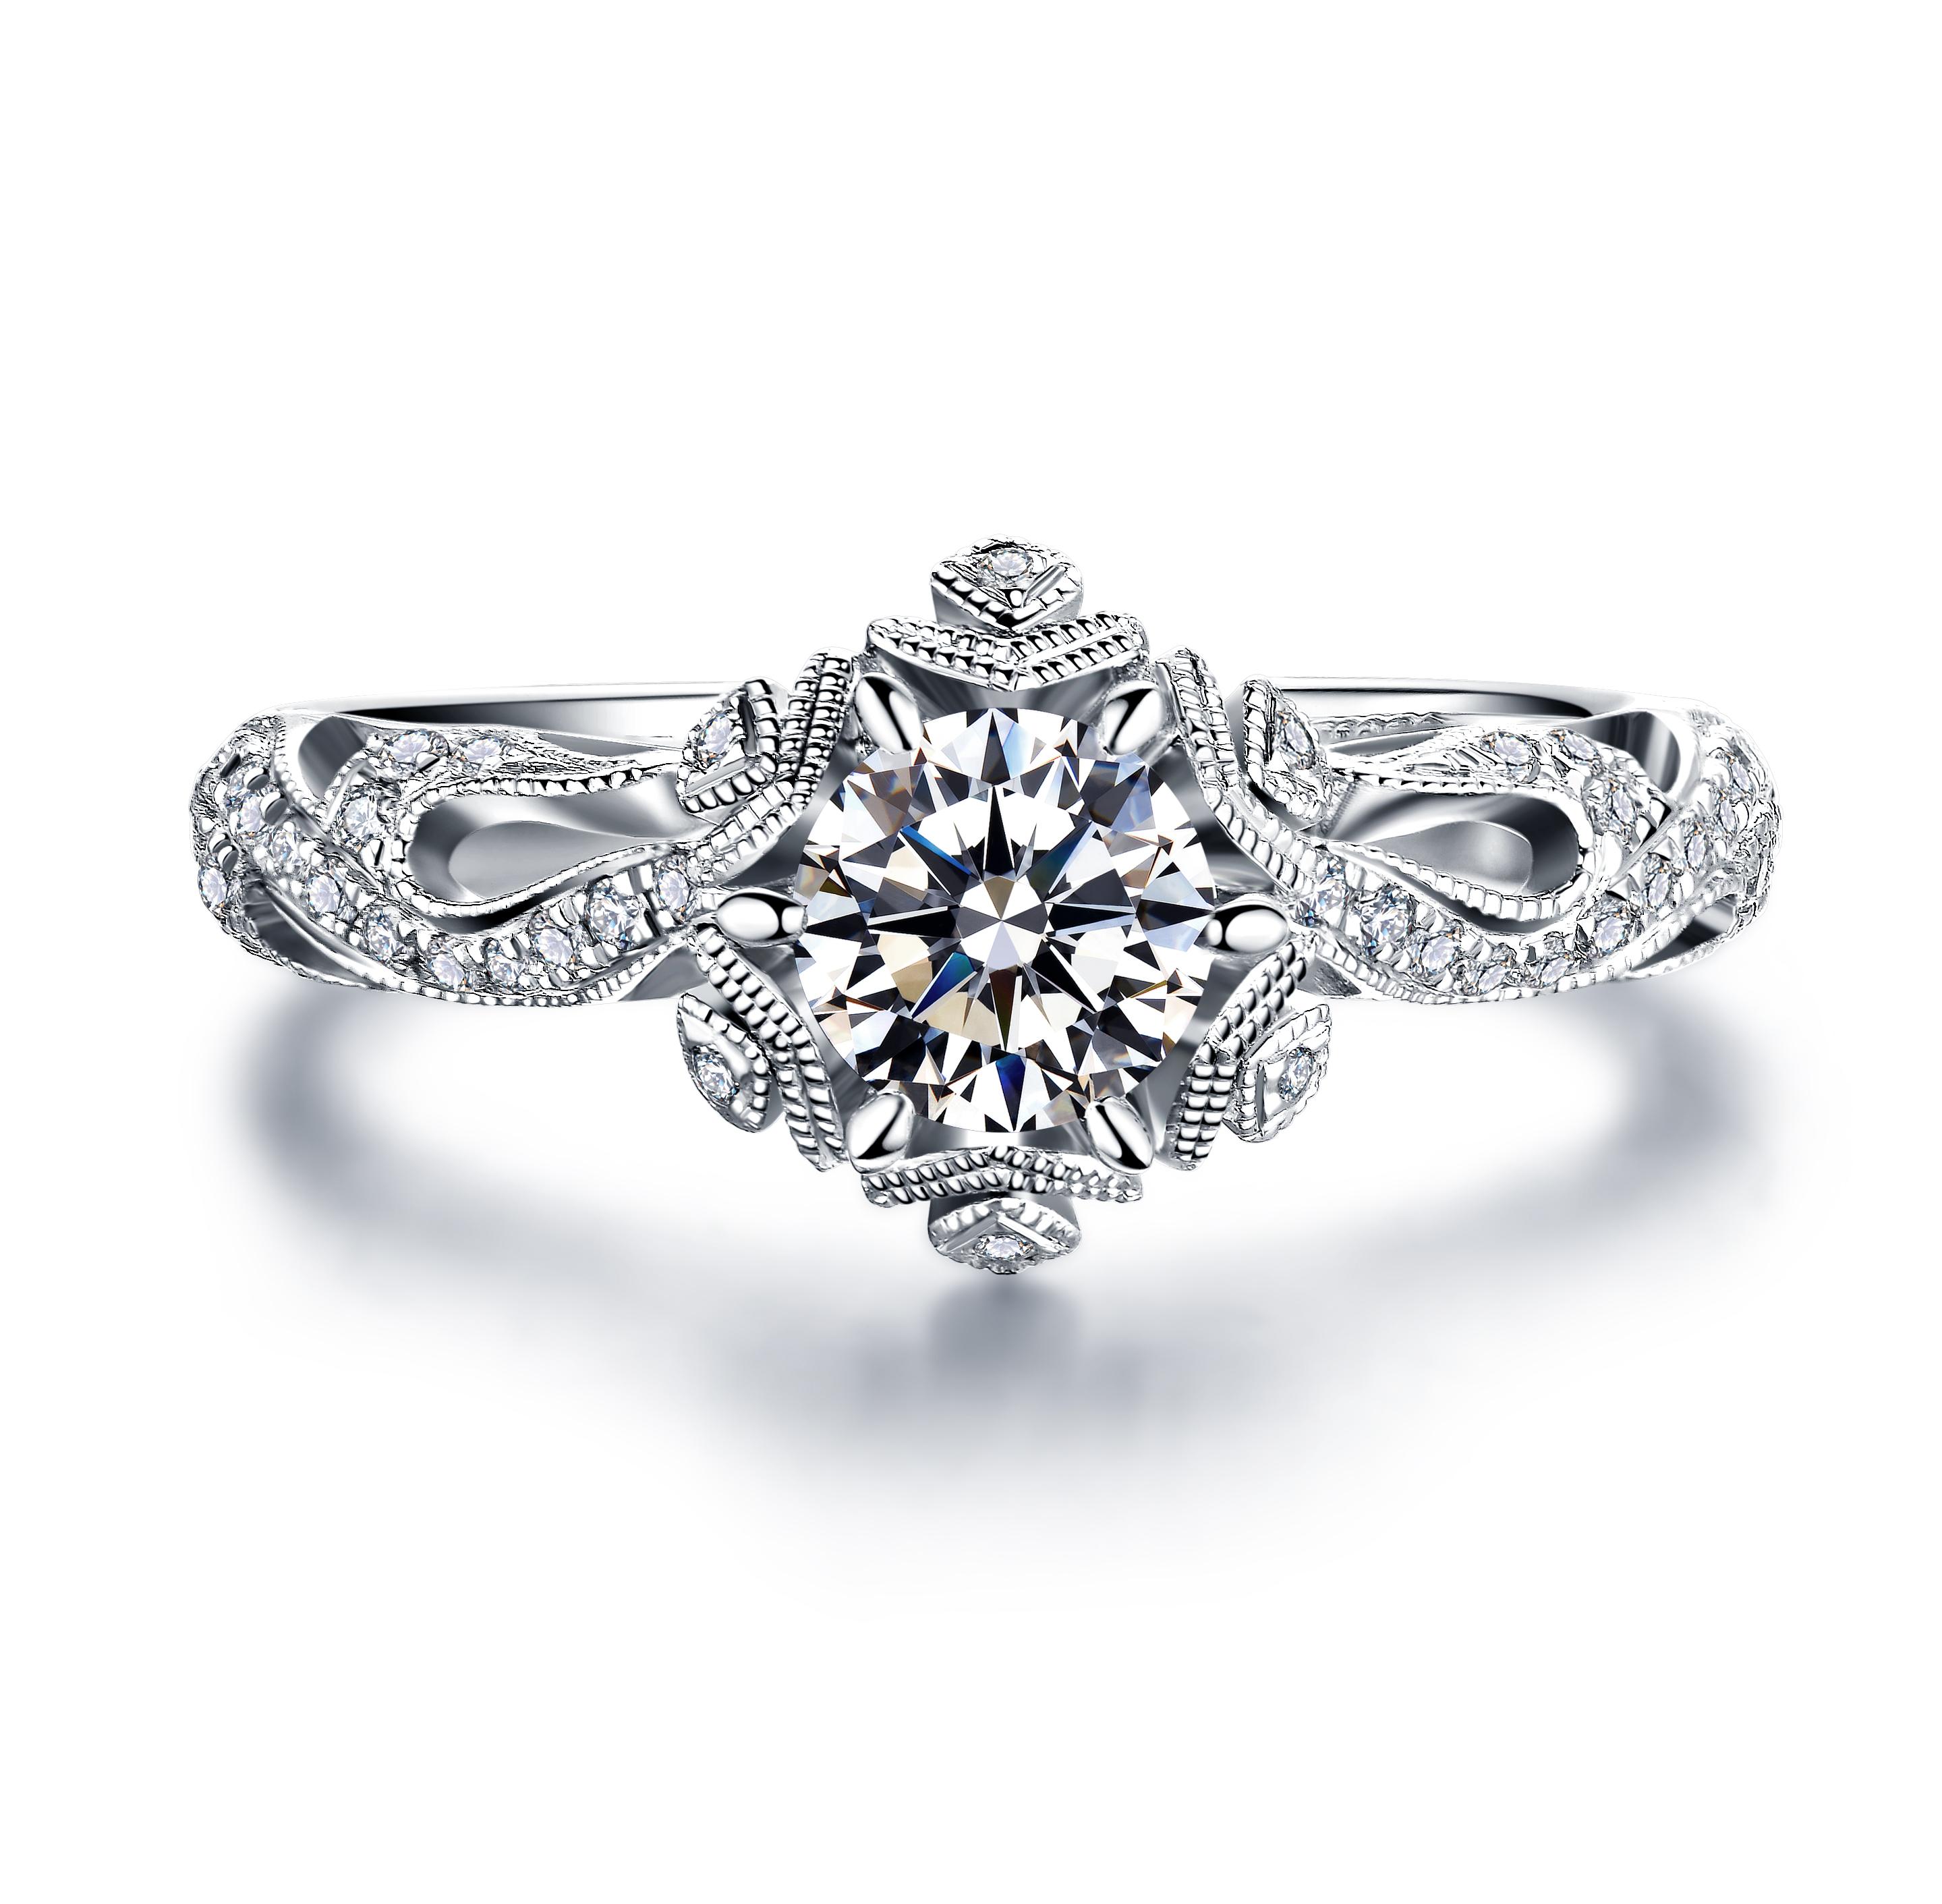 钻石饰品搭配有讲究